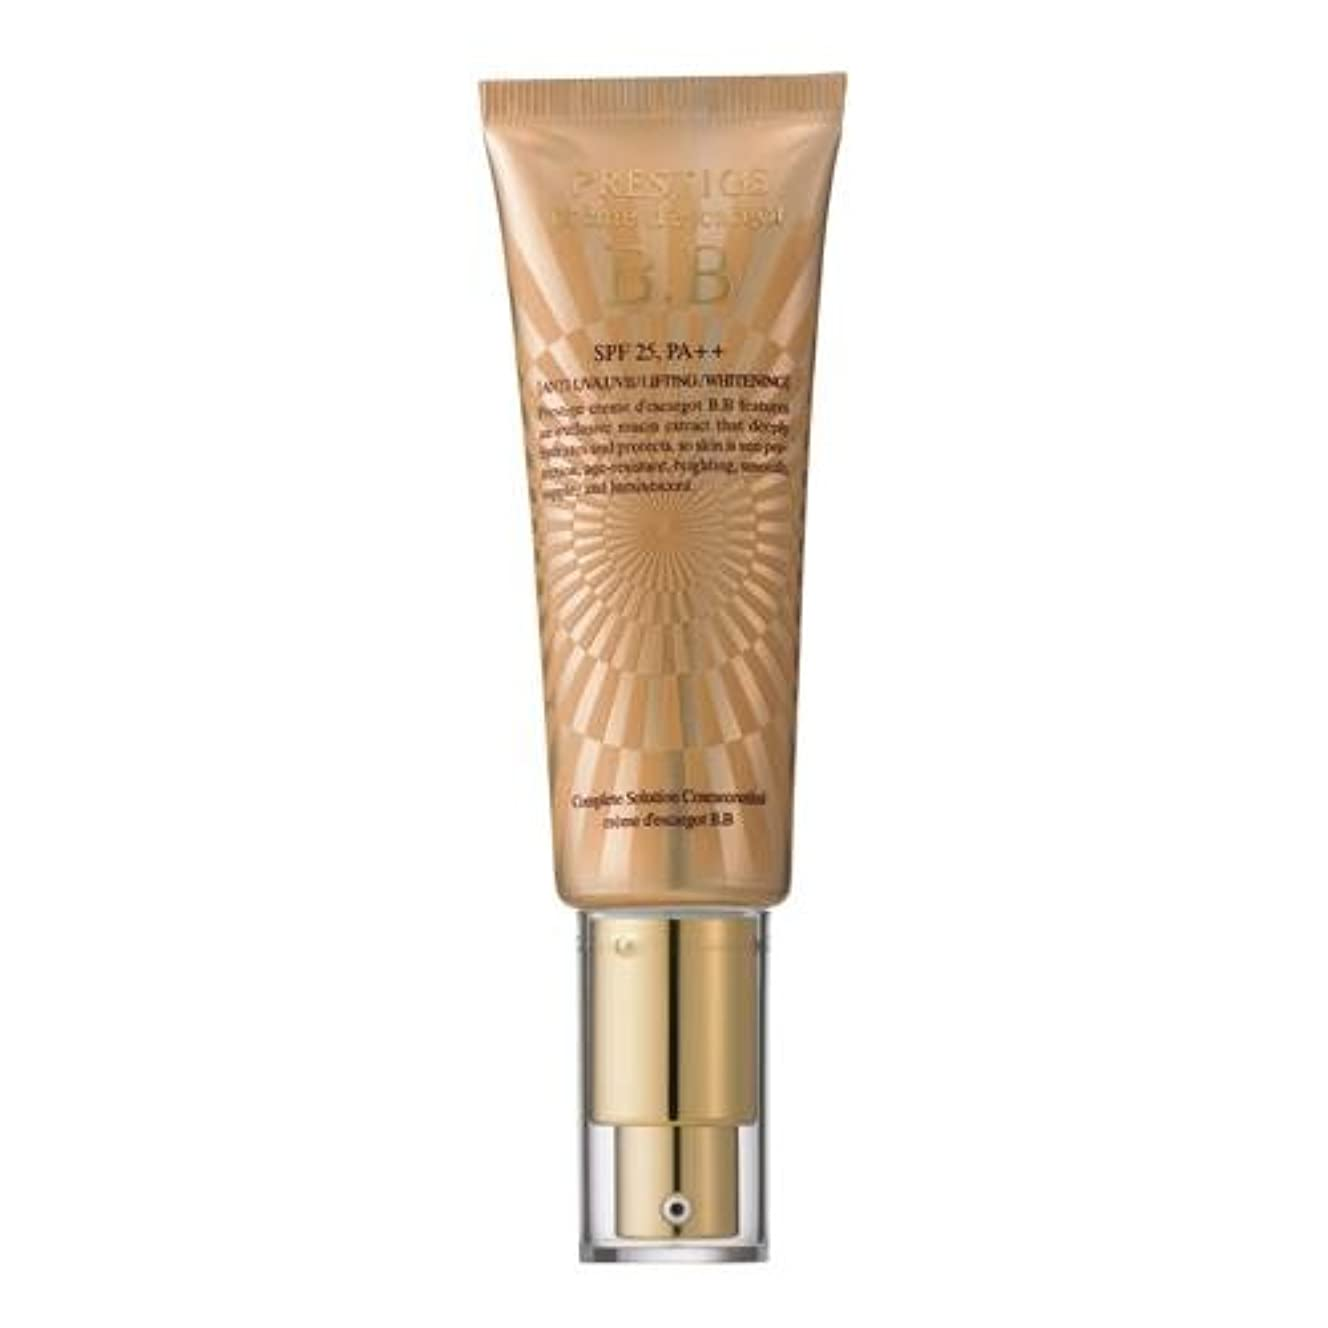 化粧トラップタンザニアイッツスキン It's skin プレステージクリーム エスカルコ(かたつむり)BB SPF25 PA++ 50ml